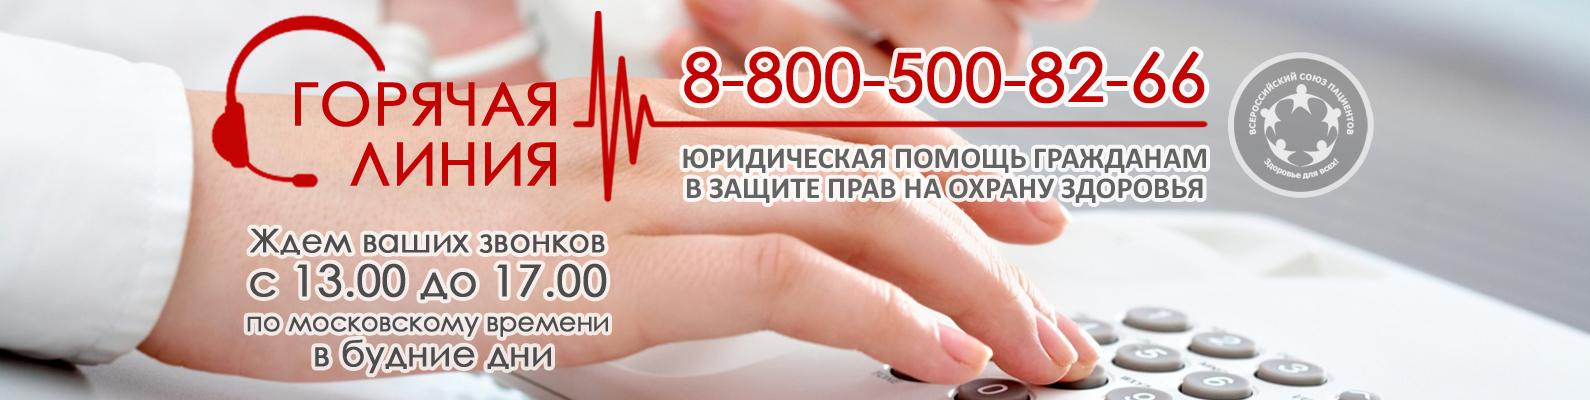 гор.линия-соцсети-1590х400